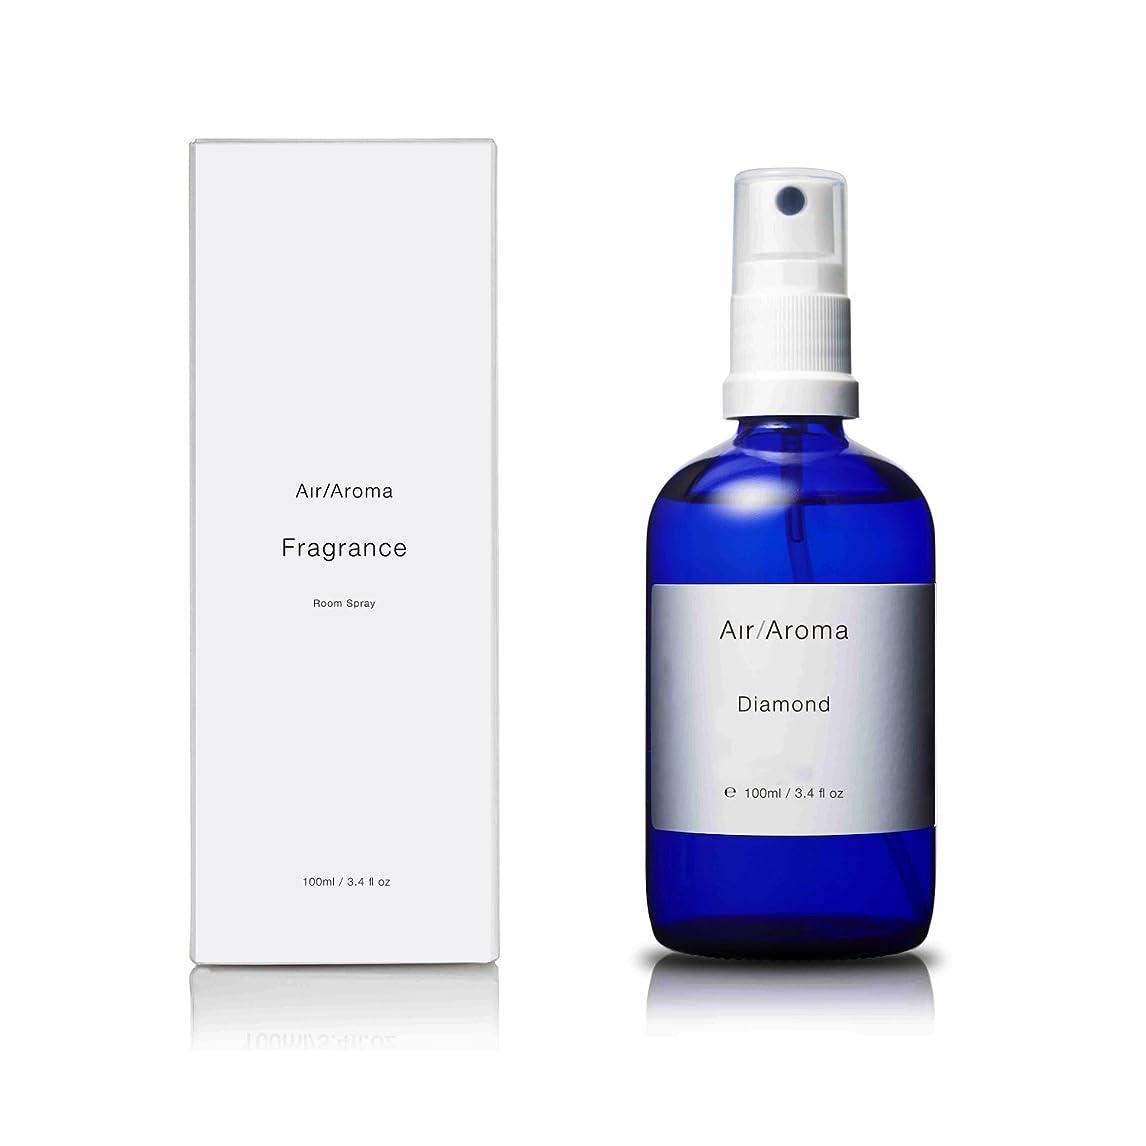 粘性の支援寛容エアアロマ diamond room fragrance (ダイアモンド ルームフレグランス) 100ml